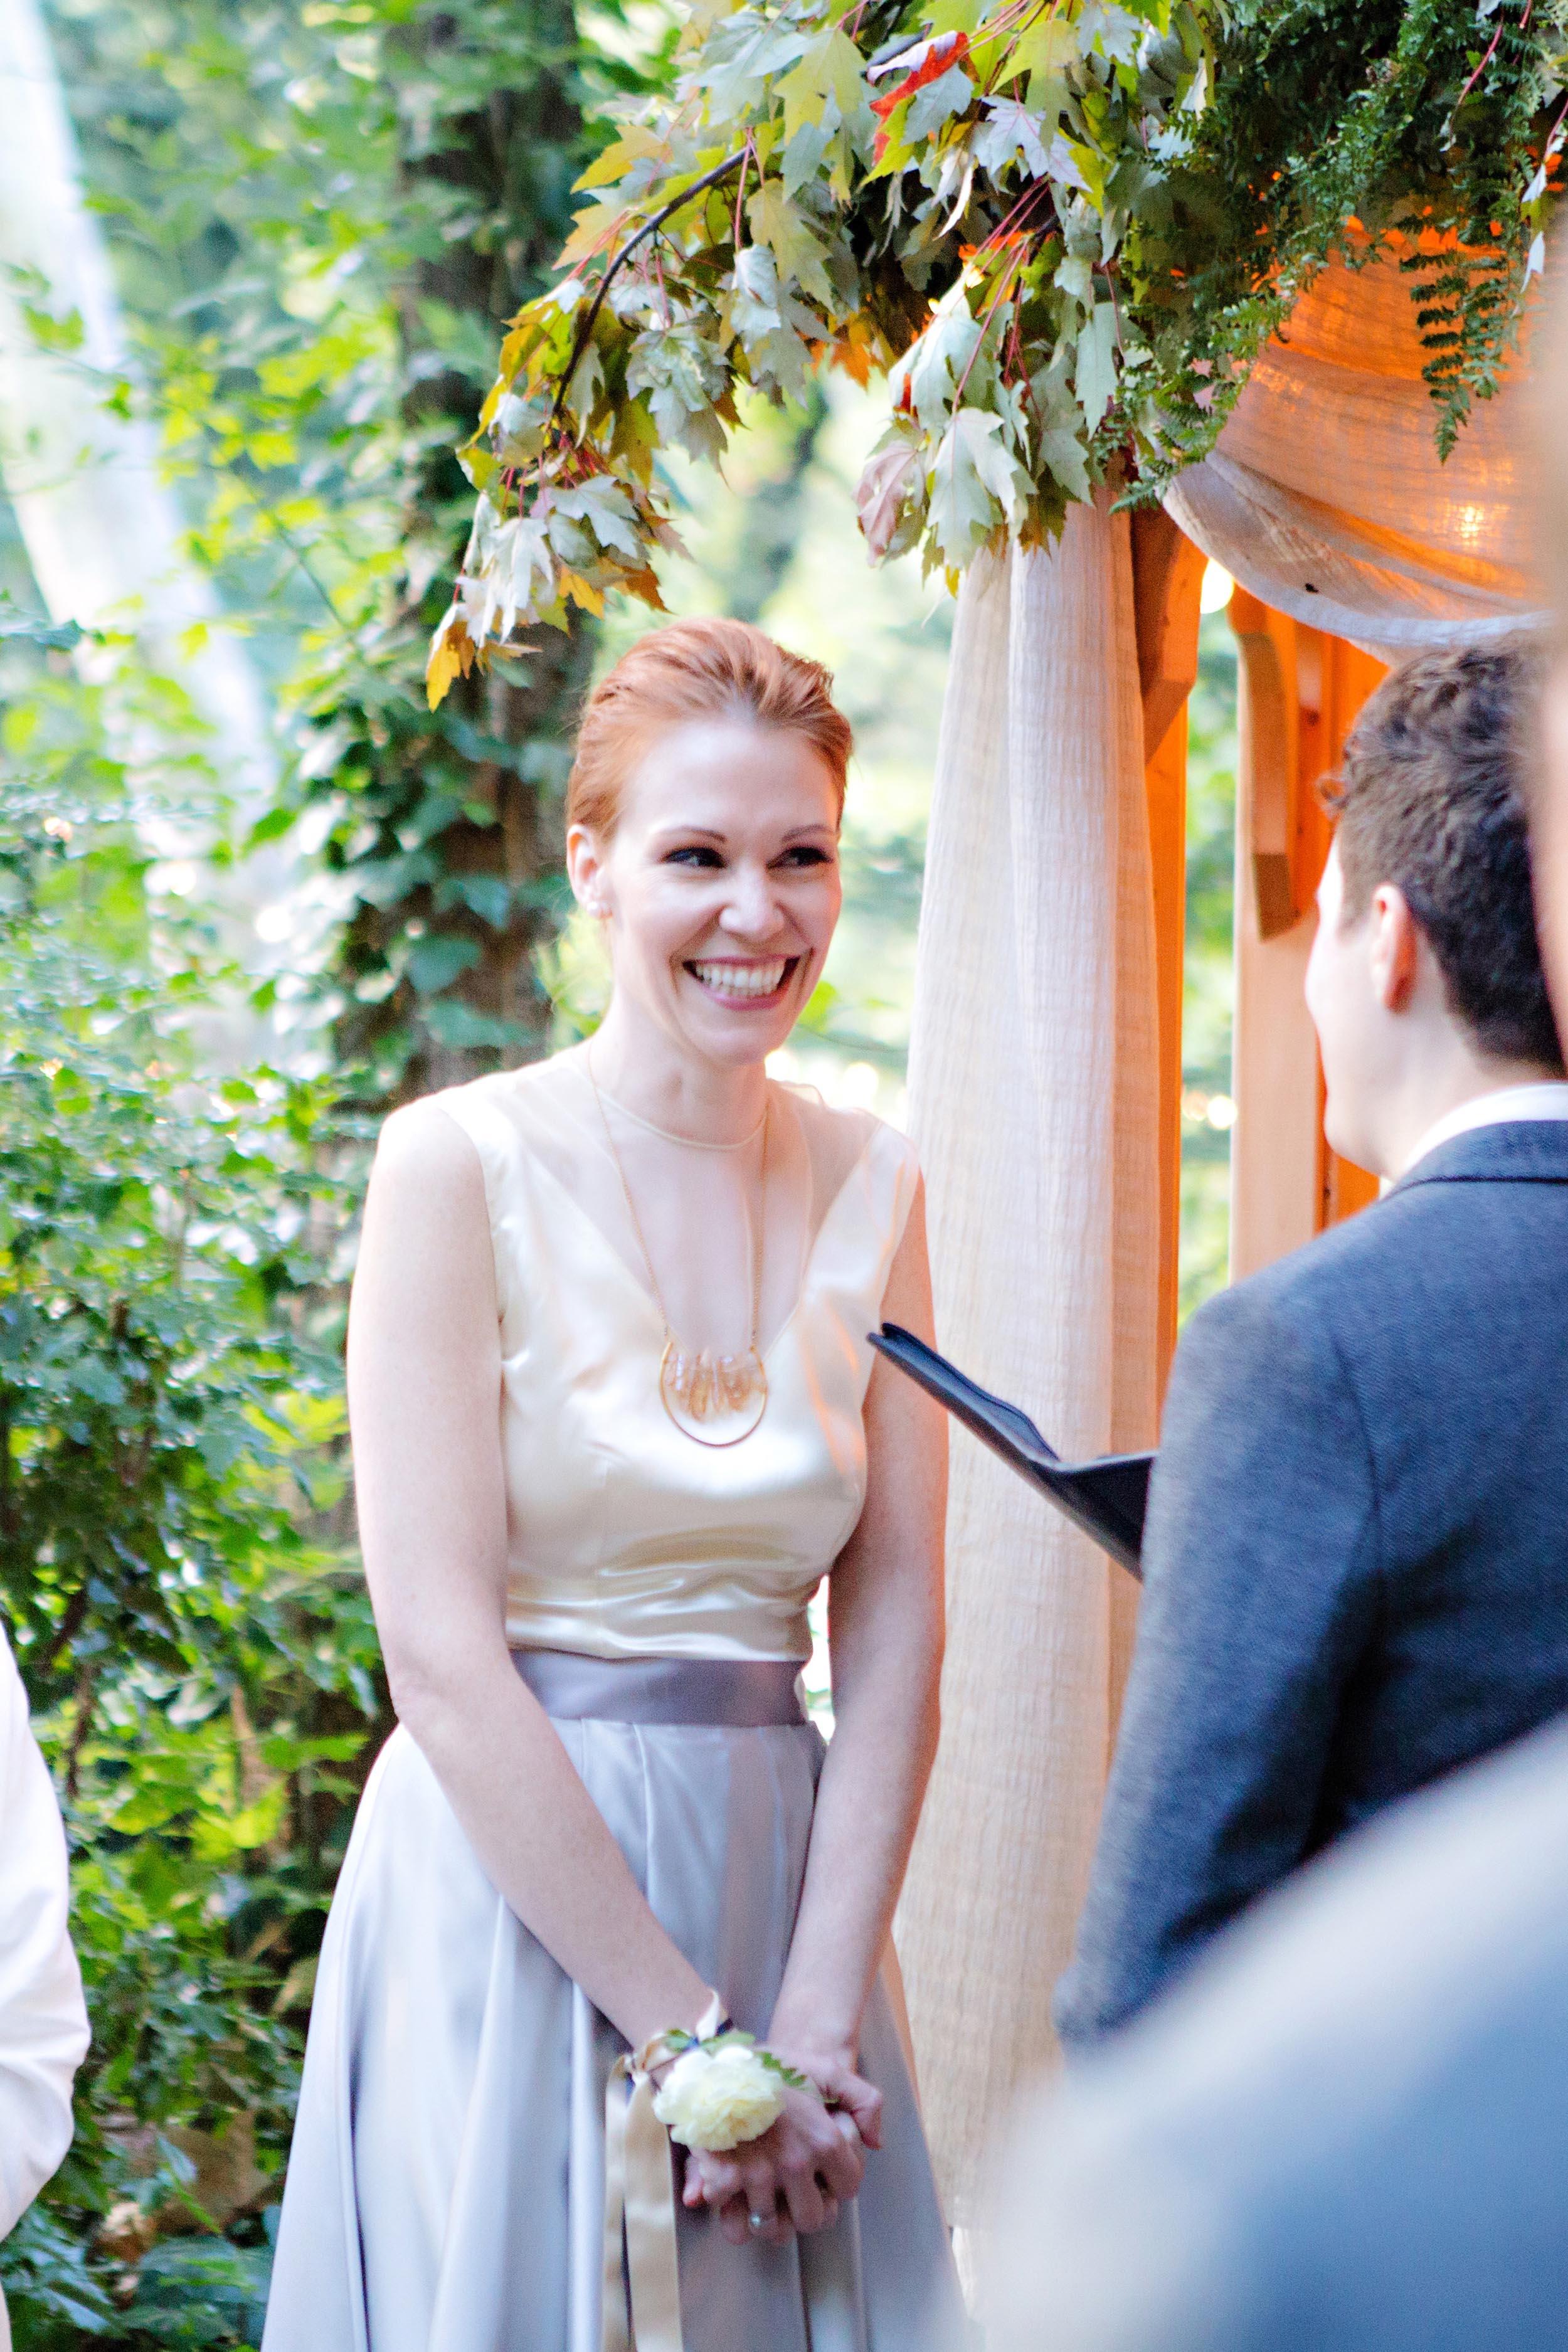 weddings-oakcreek-17.jpg